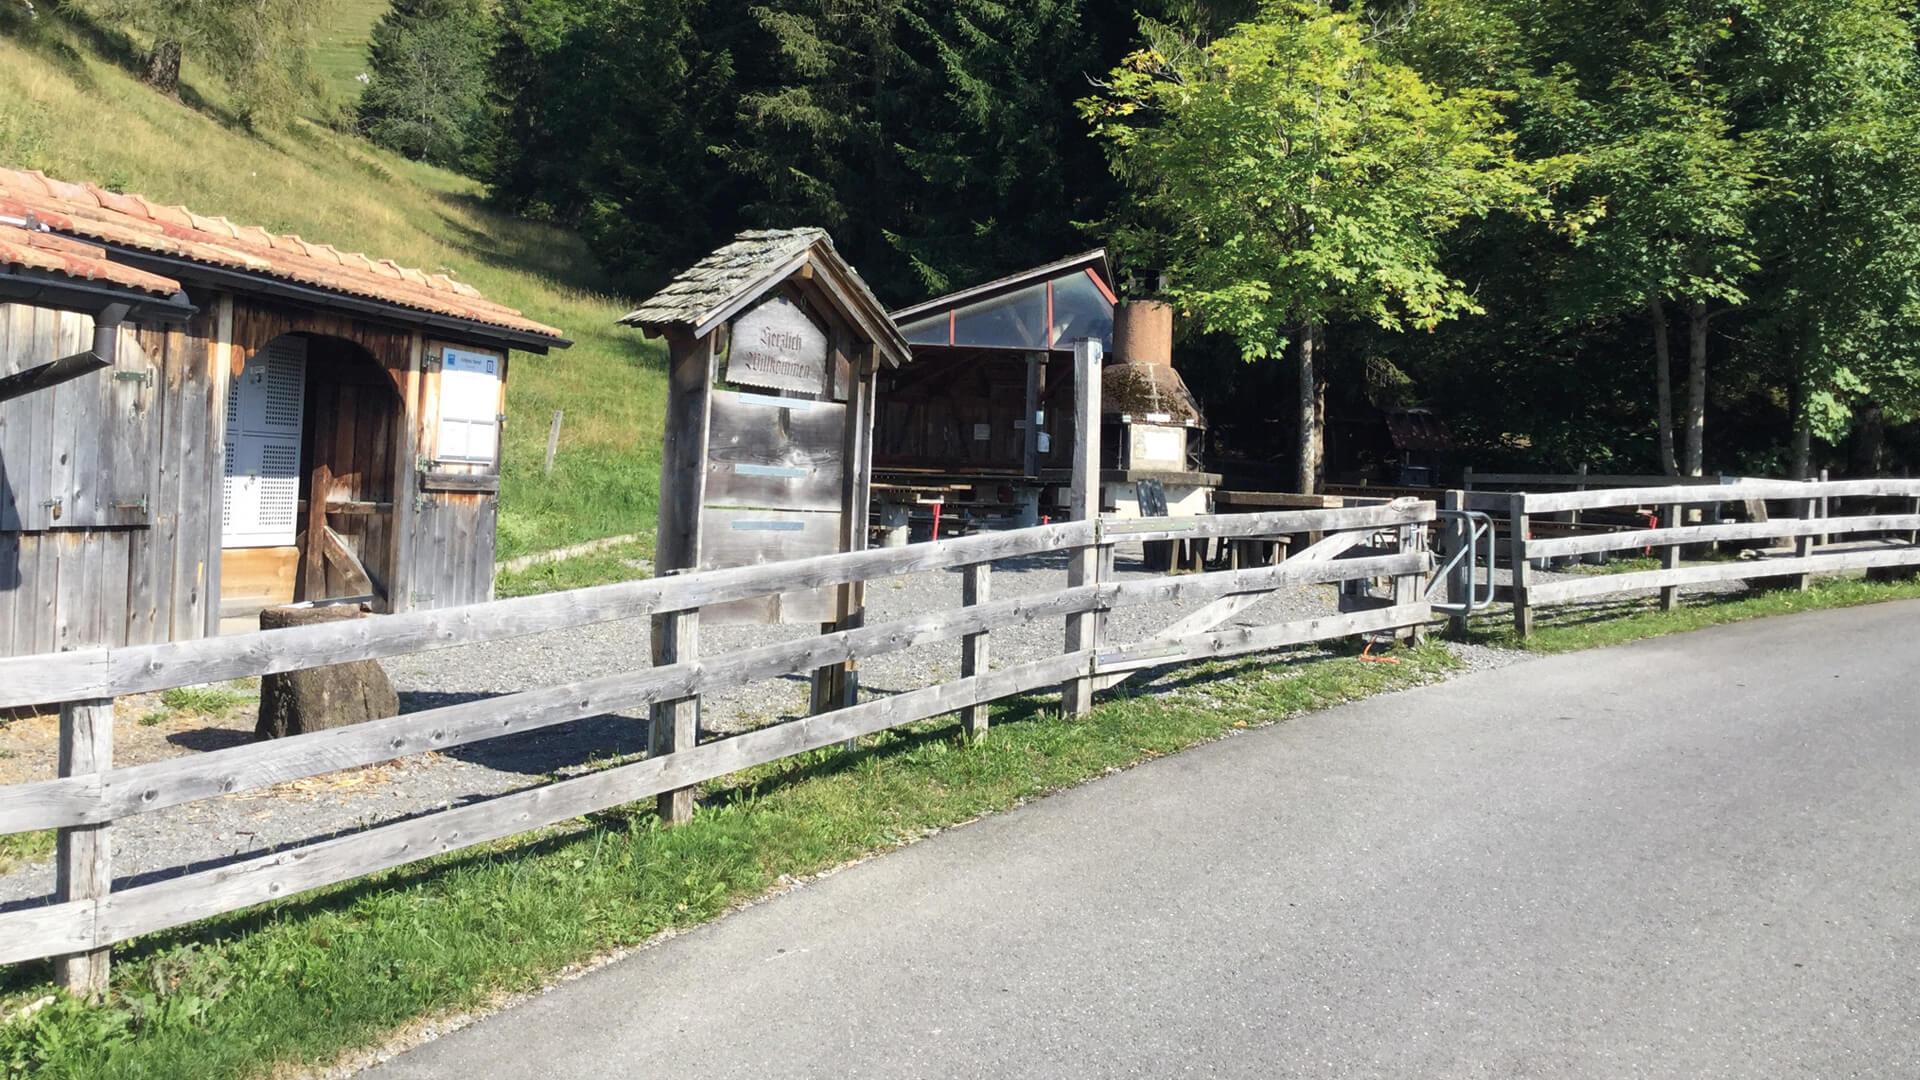 schwanden-grillplatz-stampf-sommer-zugang